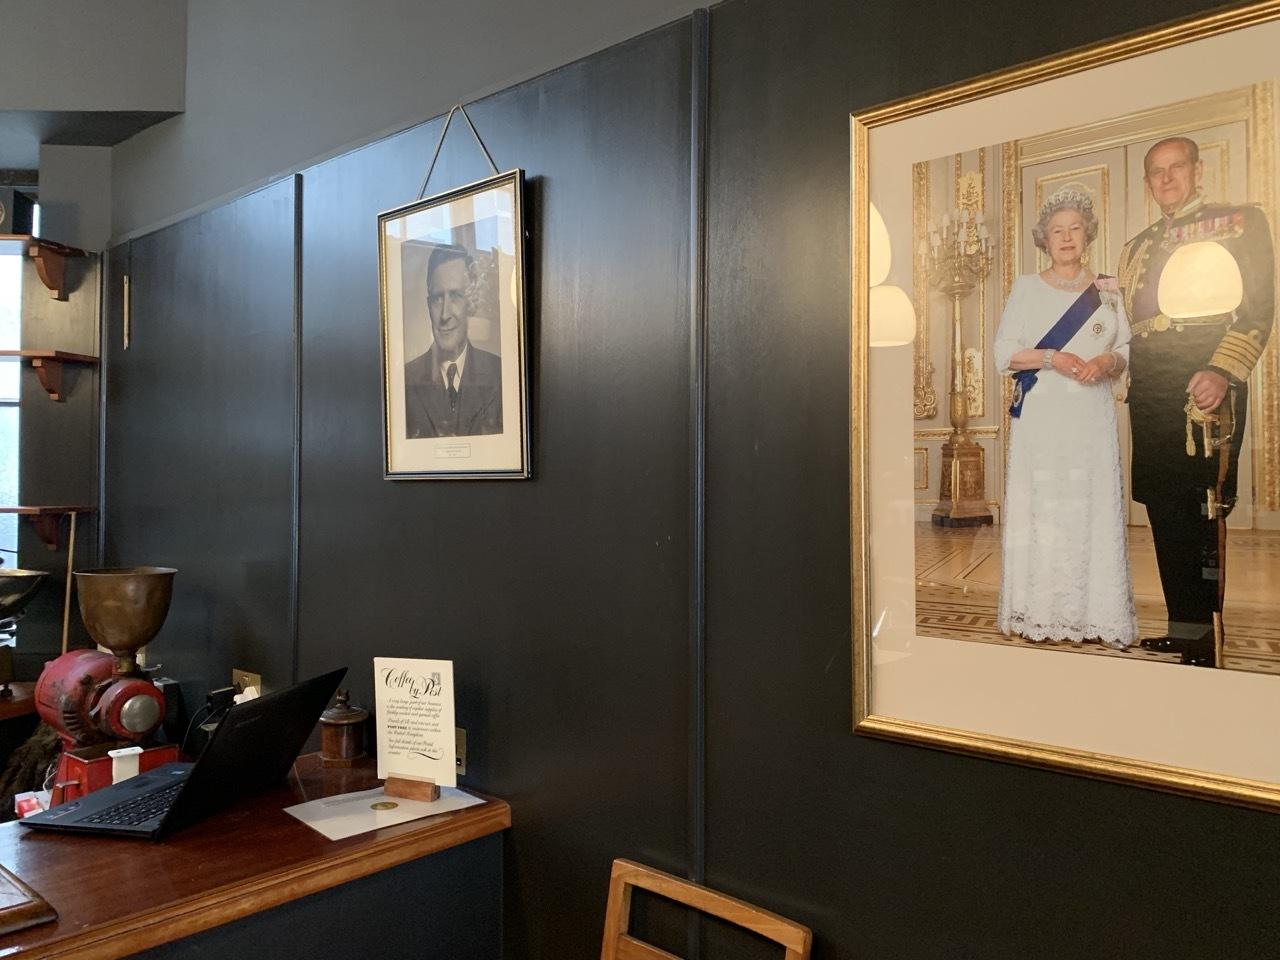 王室御用達のコーヒ&紅茶のお店ヒギンズ ロンドン_f0380234_04374769.jpg